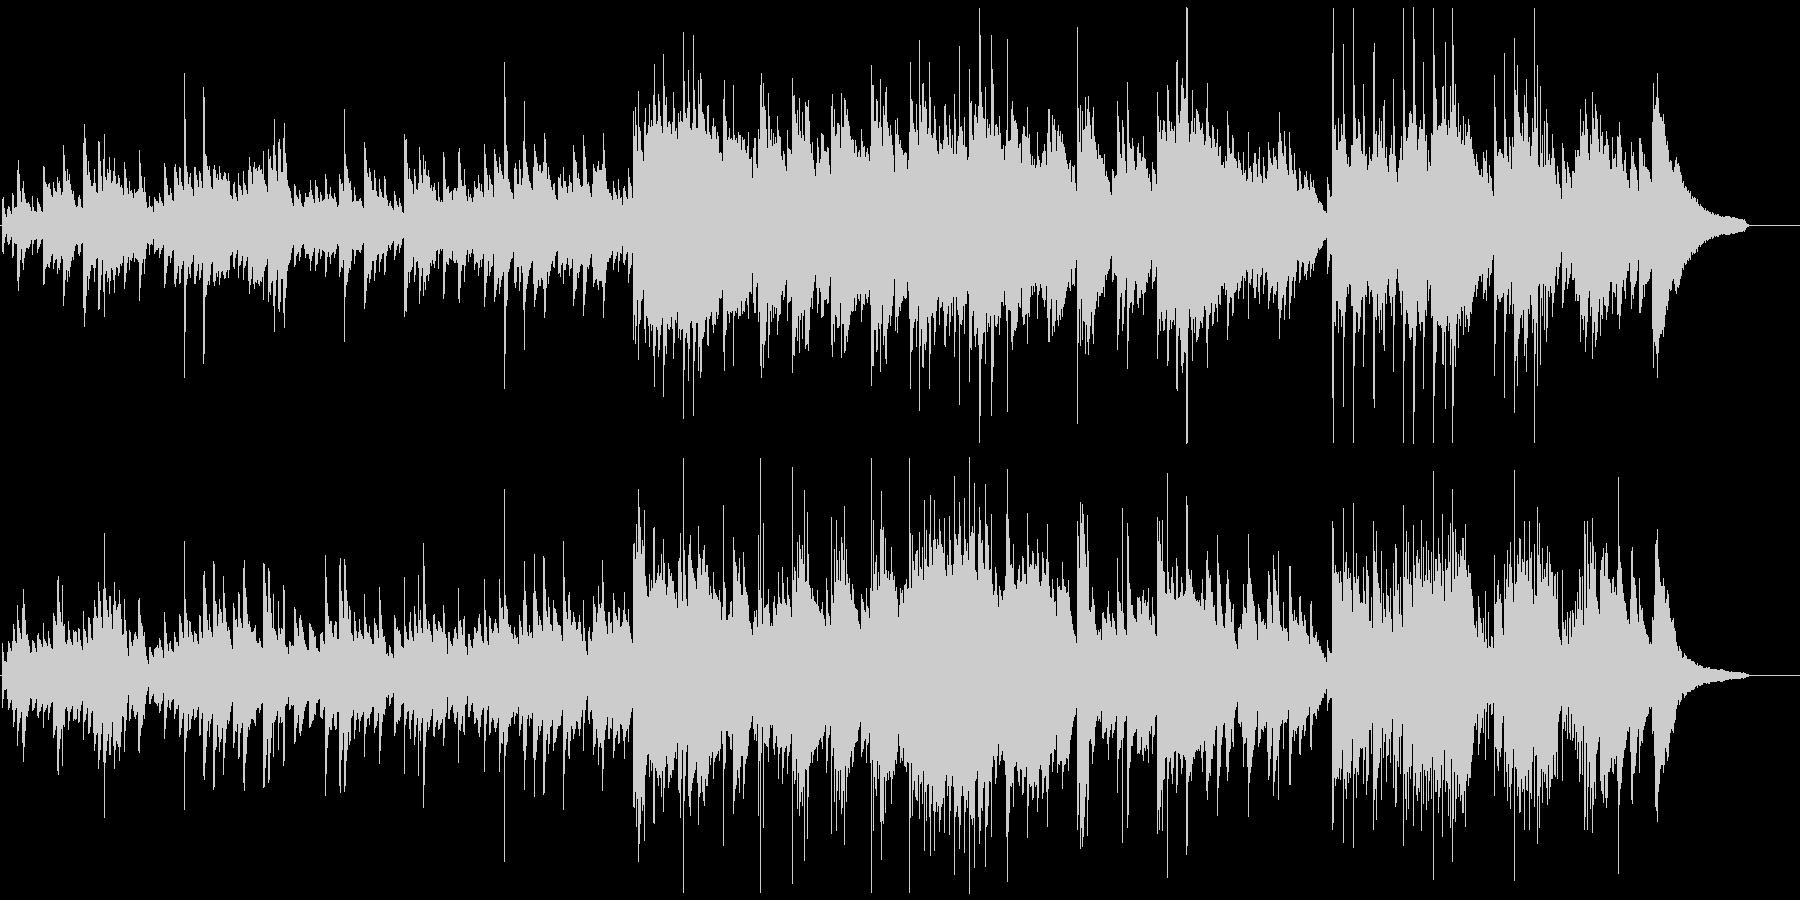 しっとりと滑らかなピアノバラードの未再生の波形